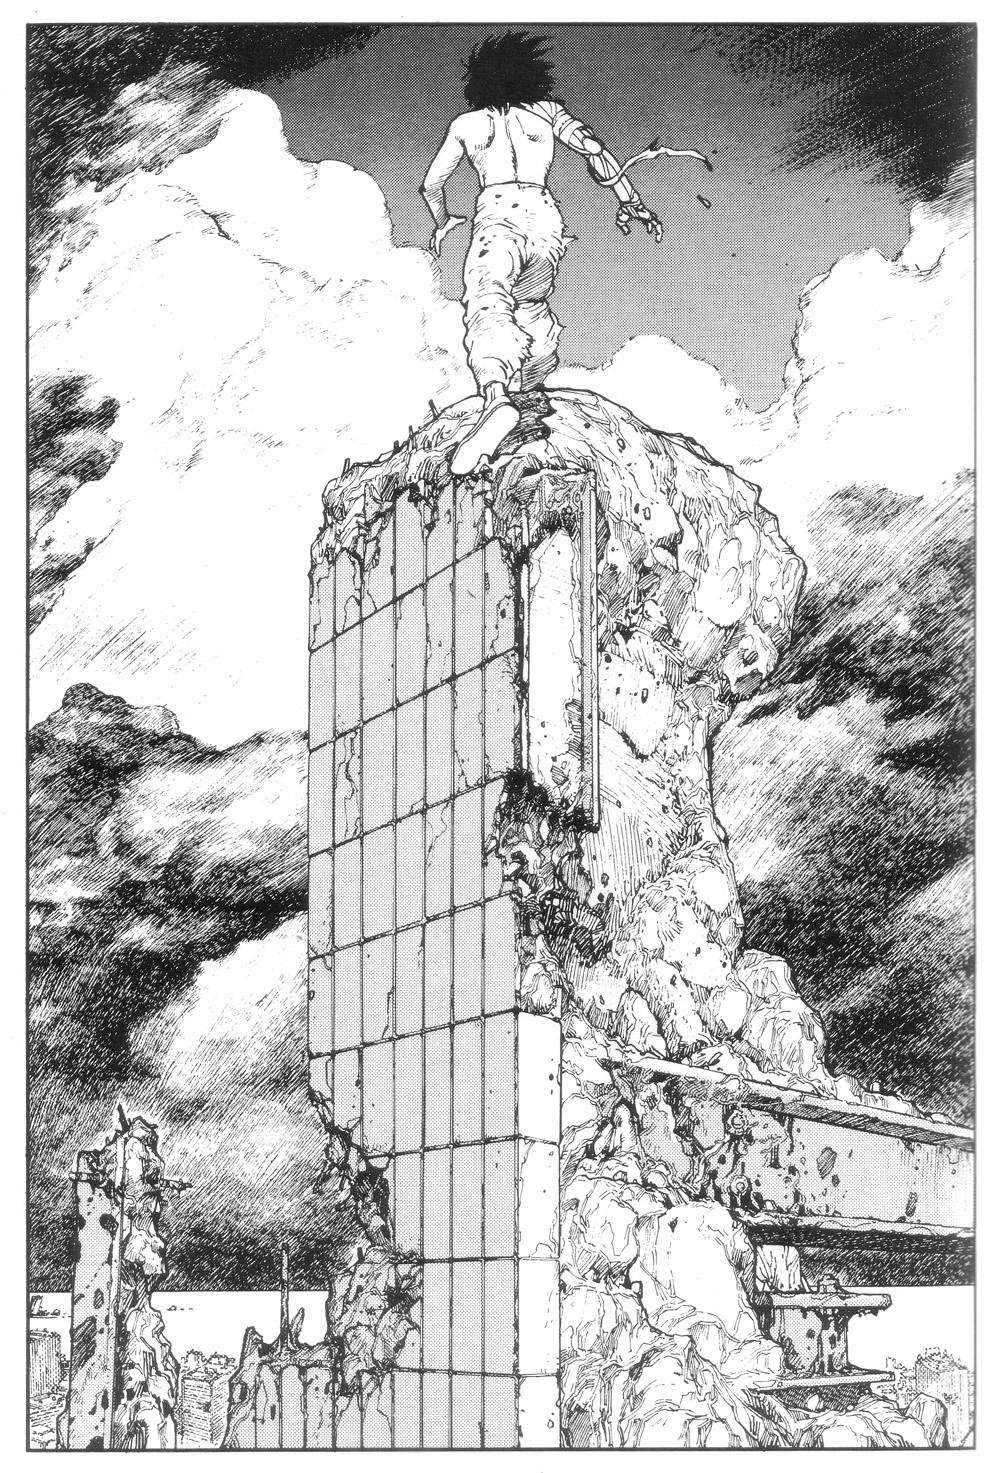 41 Akira By Katsuhiro Otomo